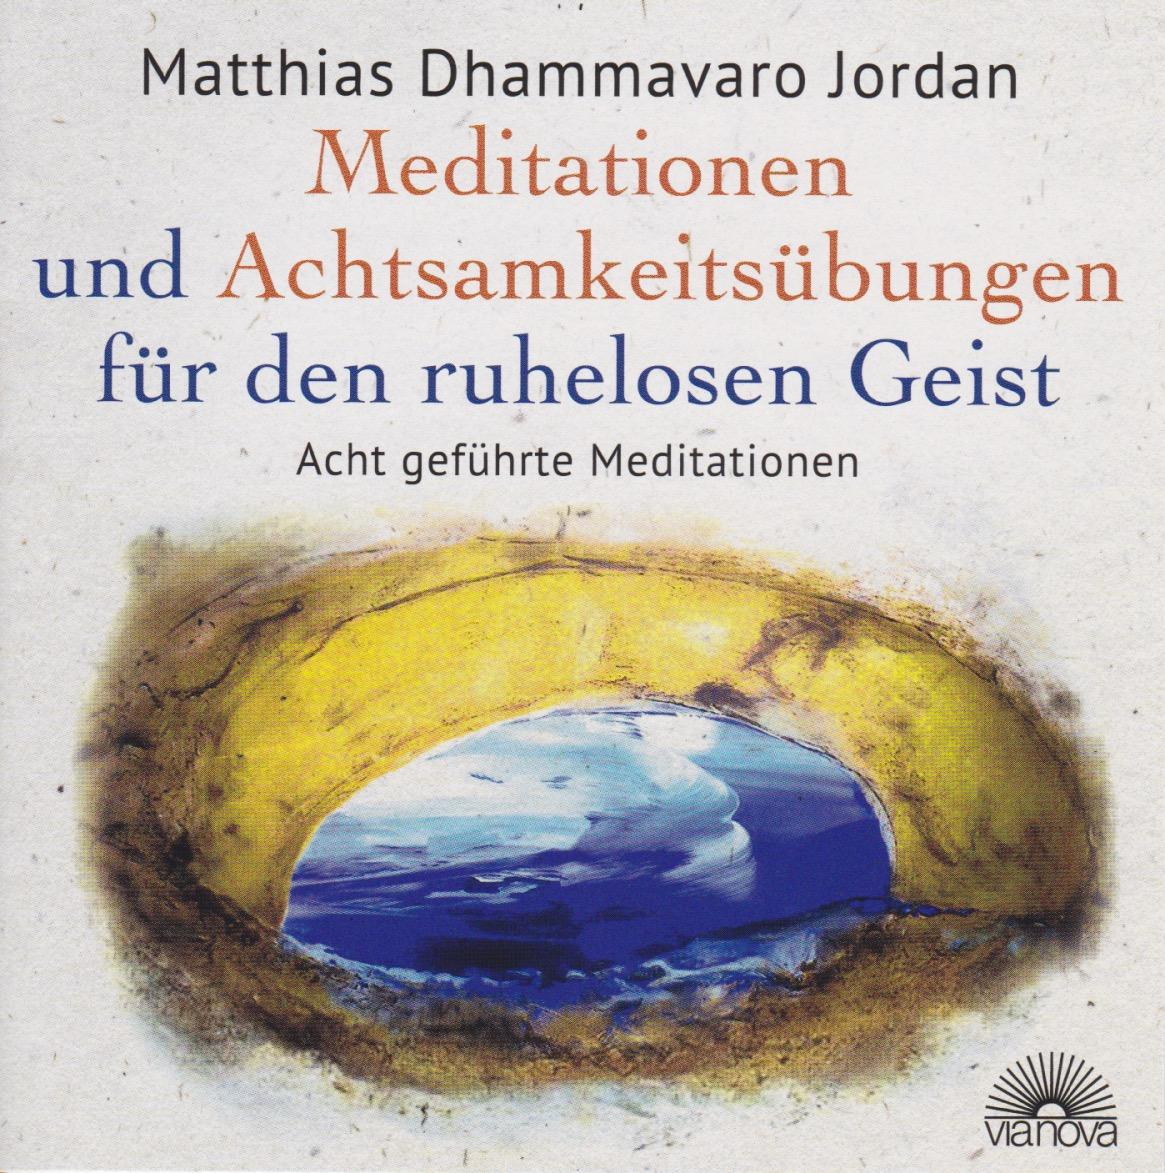 Matthias Dhammavaro Jordan – Meditationen und Achtsamkeitsübungen für den ruhelosen Geist